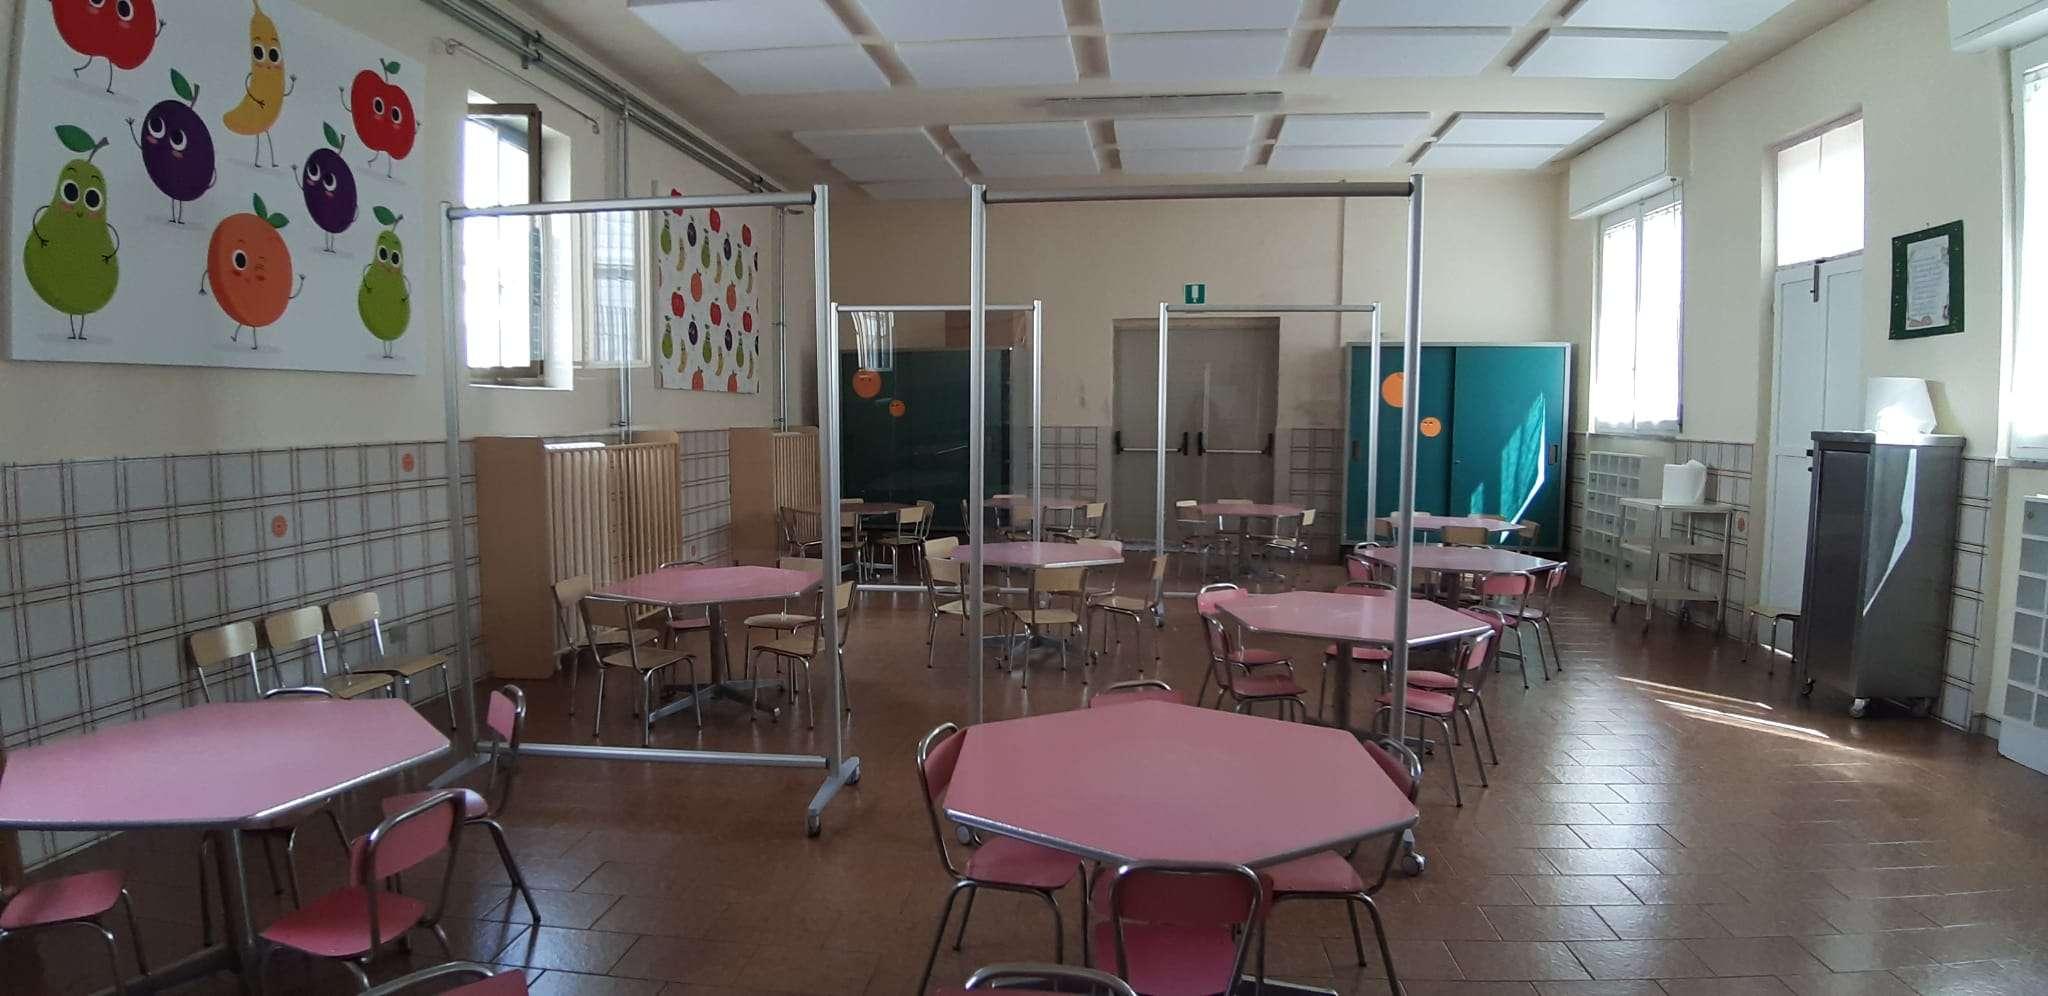 primo giorno scuola 202012 - Scuola Materna Peschiera Borromeo